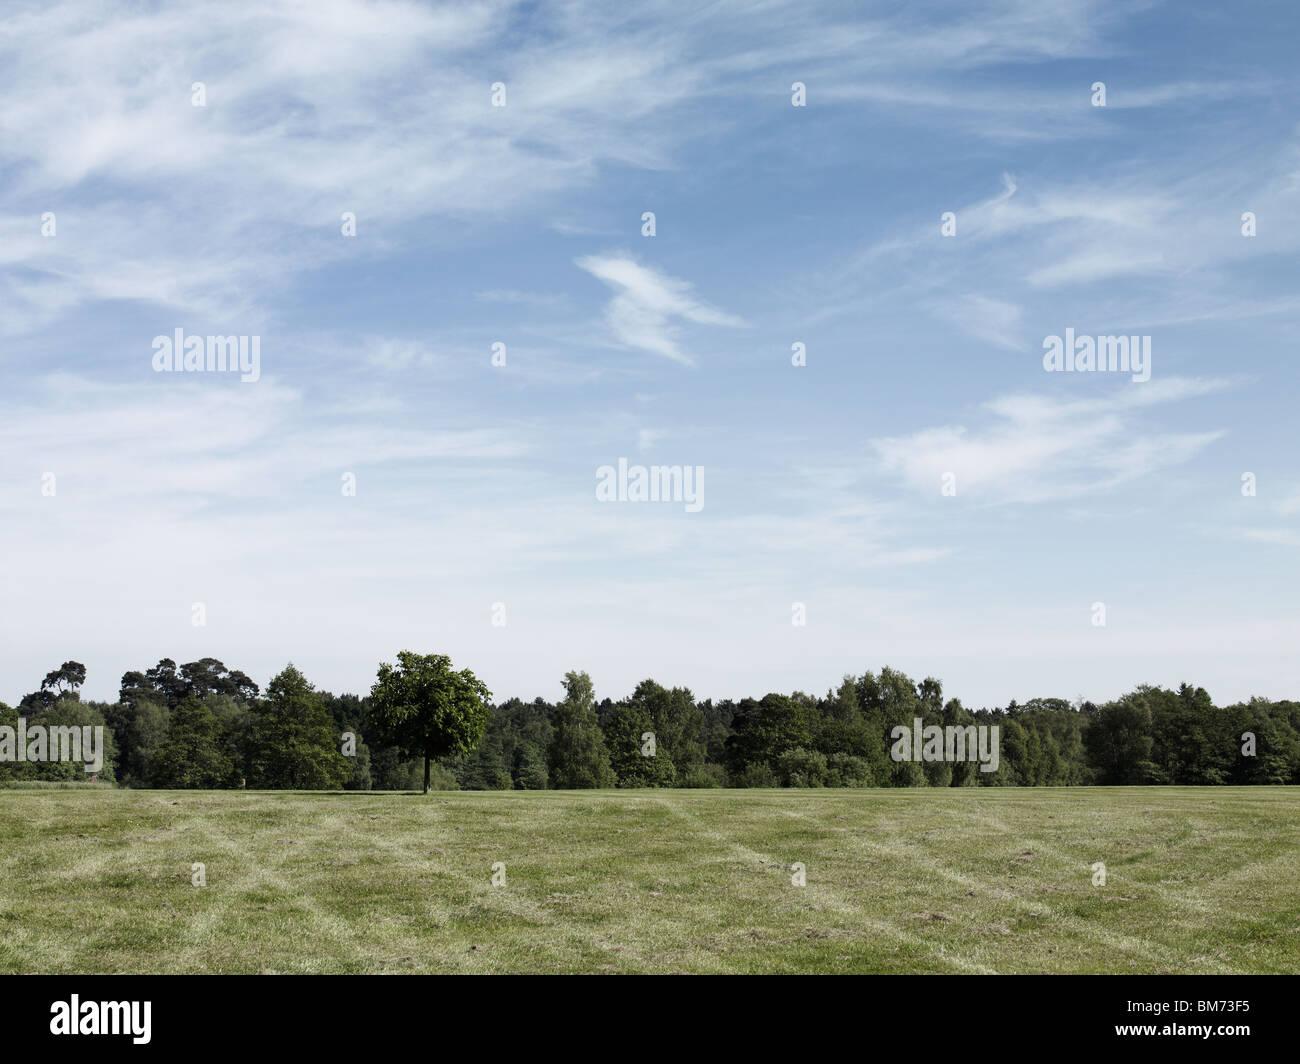 Imagen de paisaje de un aparcamiento en un campo, mostrando marcas de neumáticos en la hierba, árboles Imagen De Stock